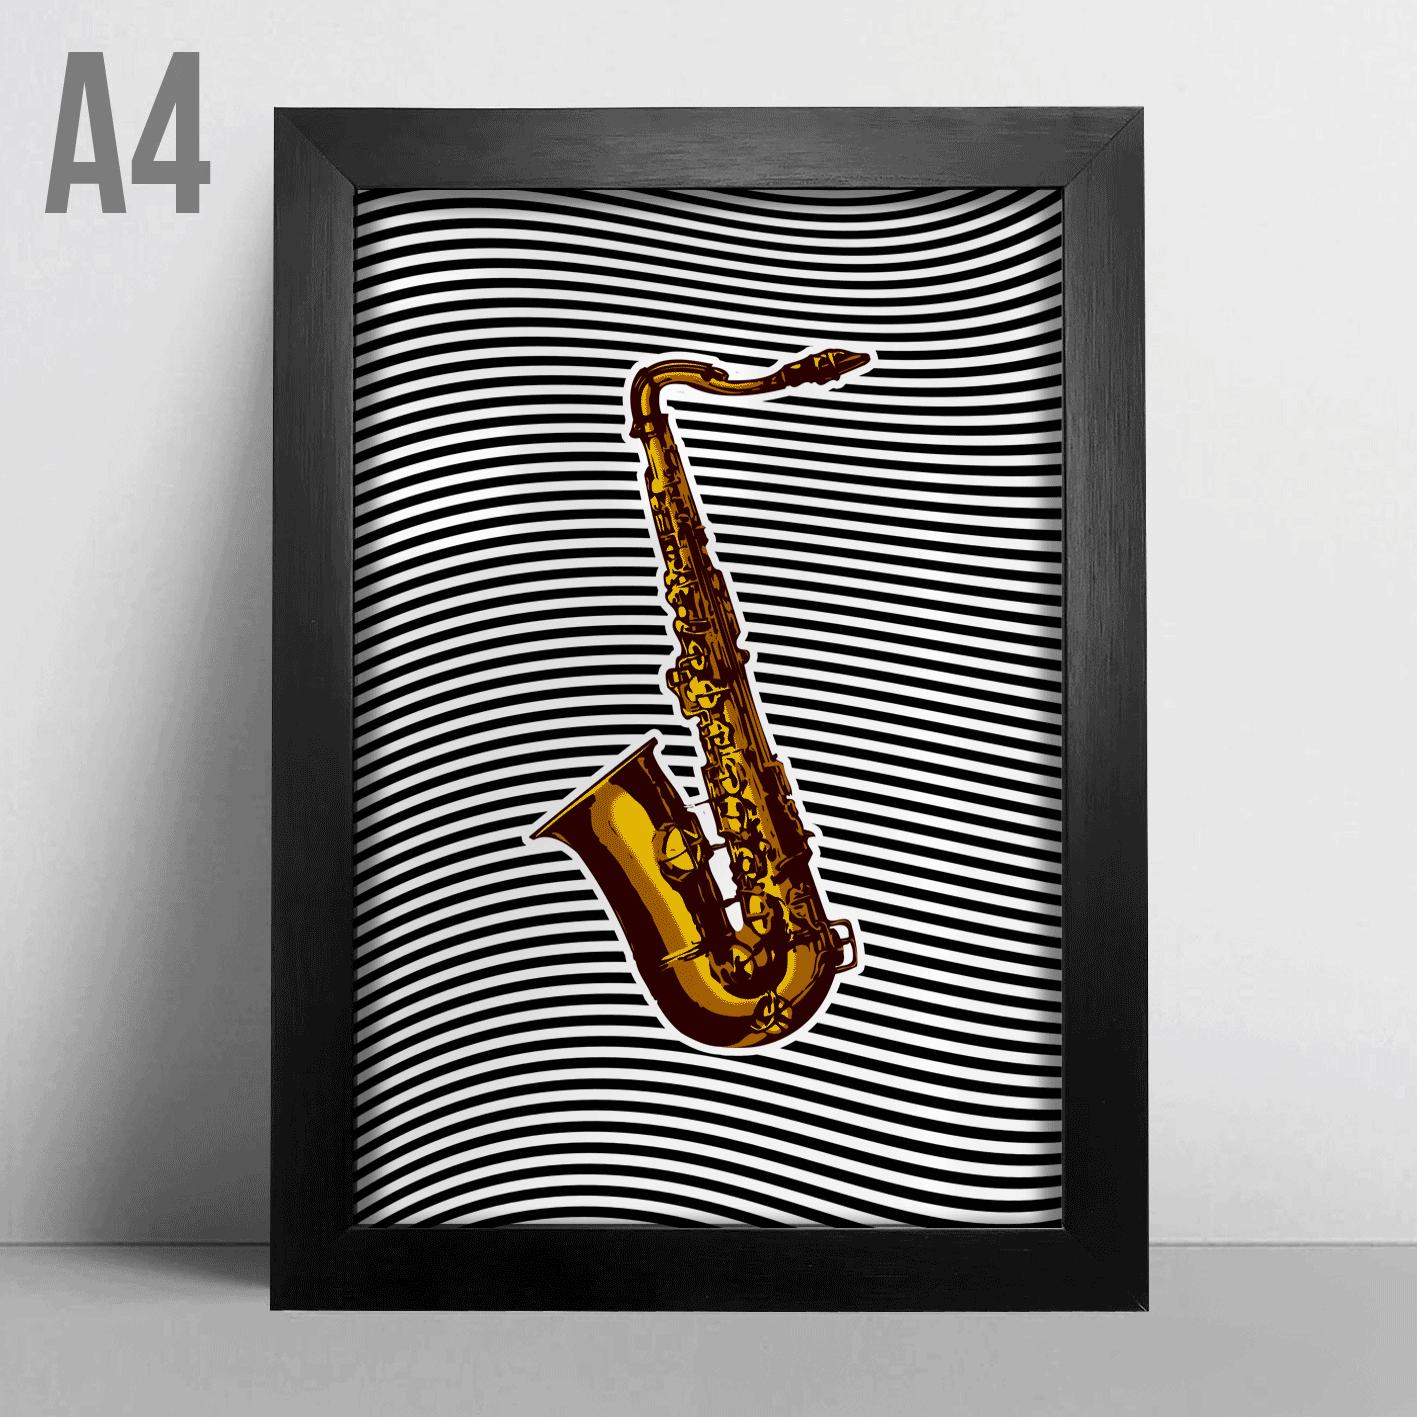 Quadro A4 - Sax